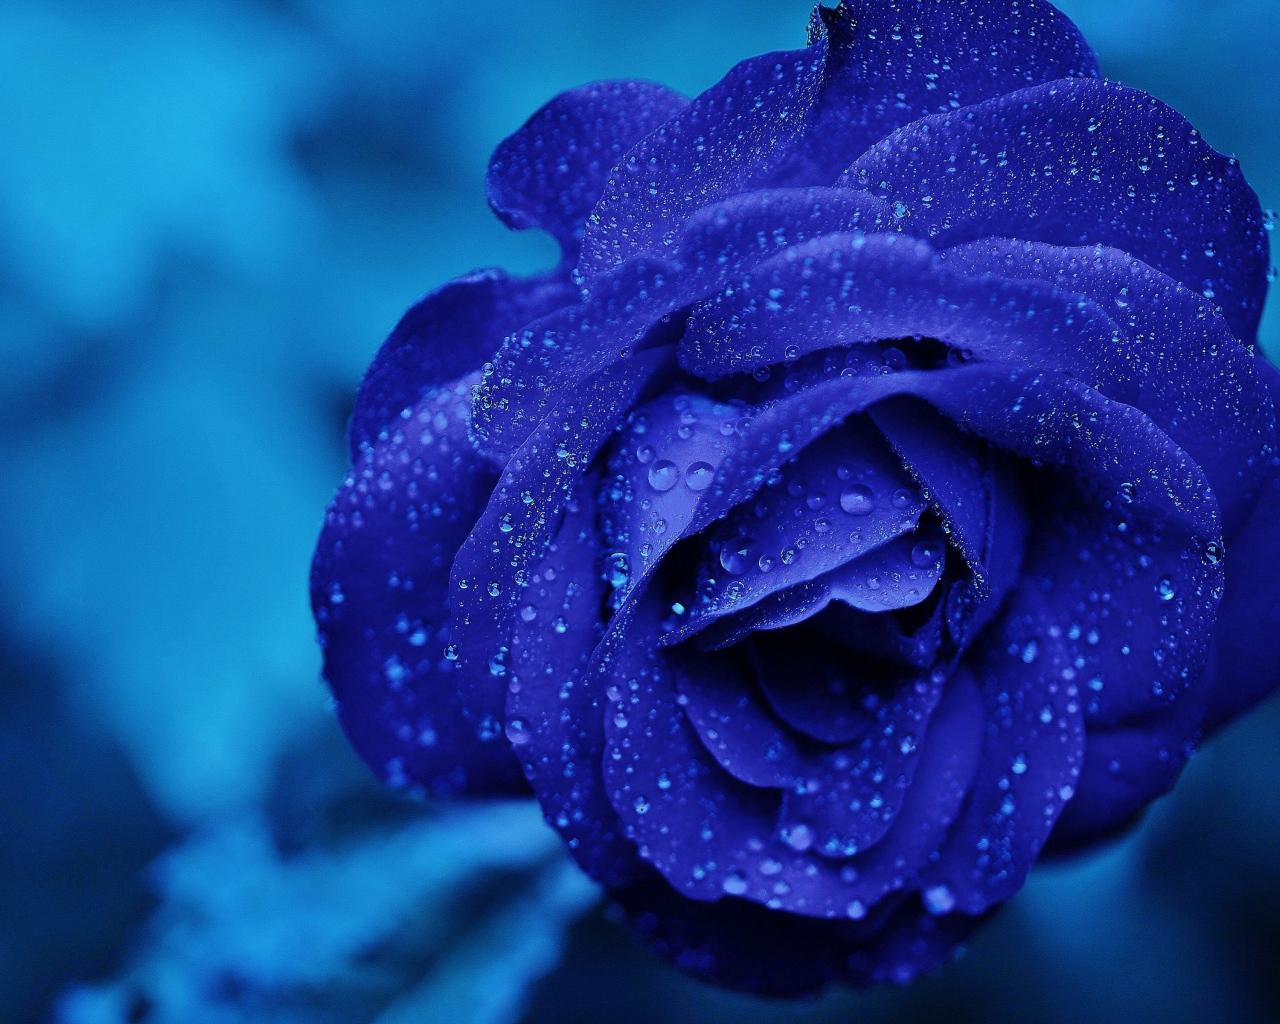 Днем рождения, синяя роза картинки на аву